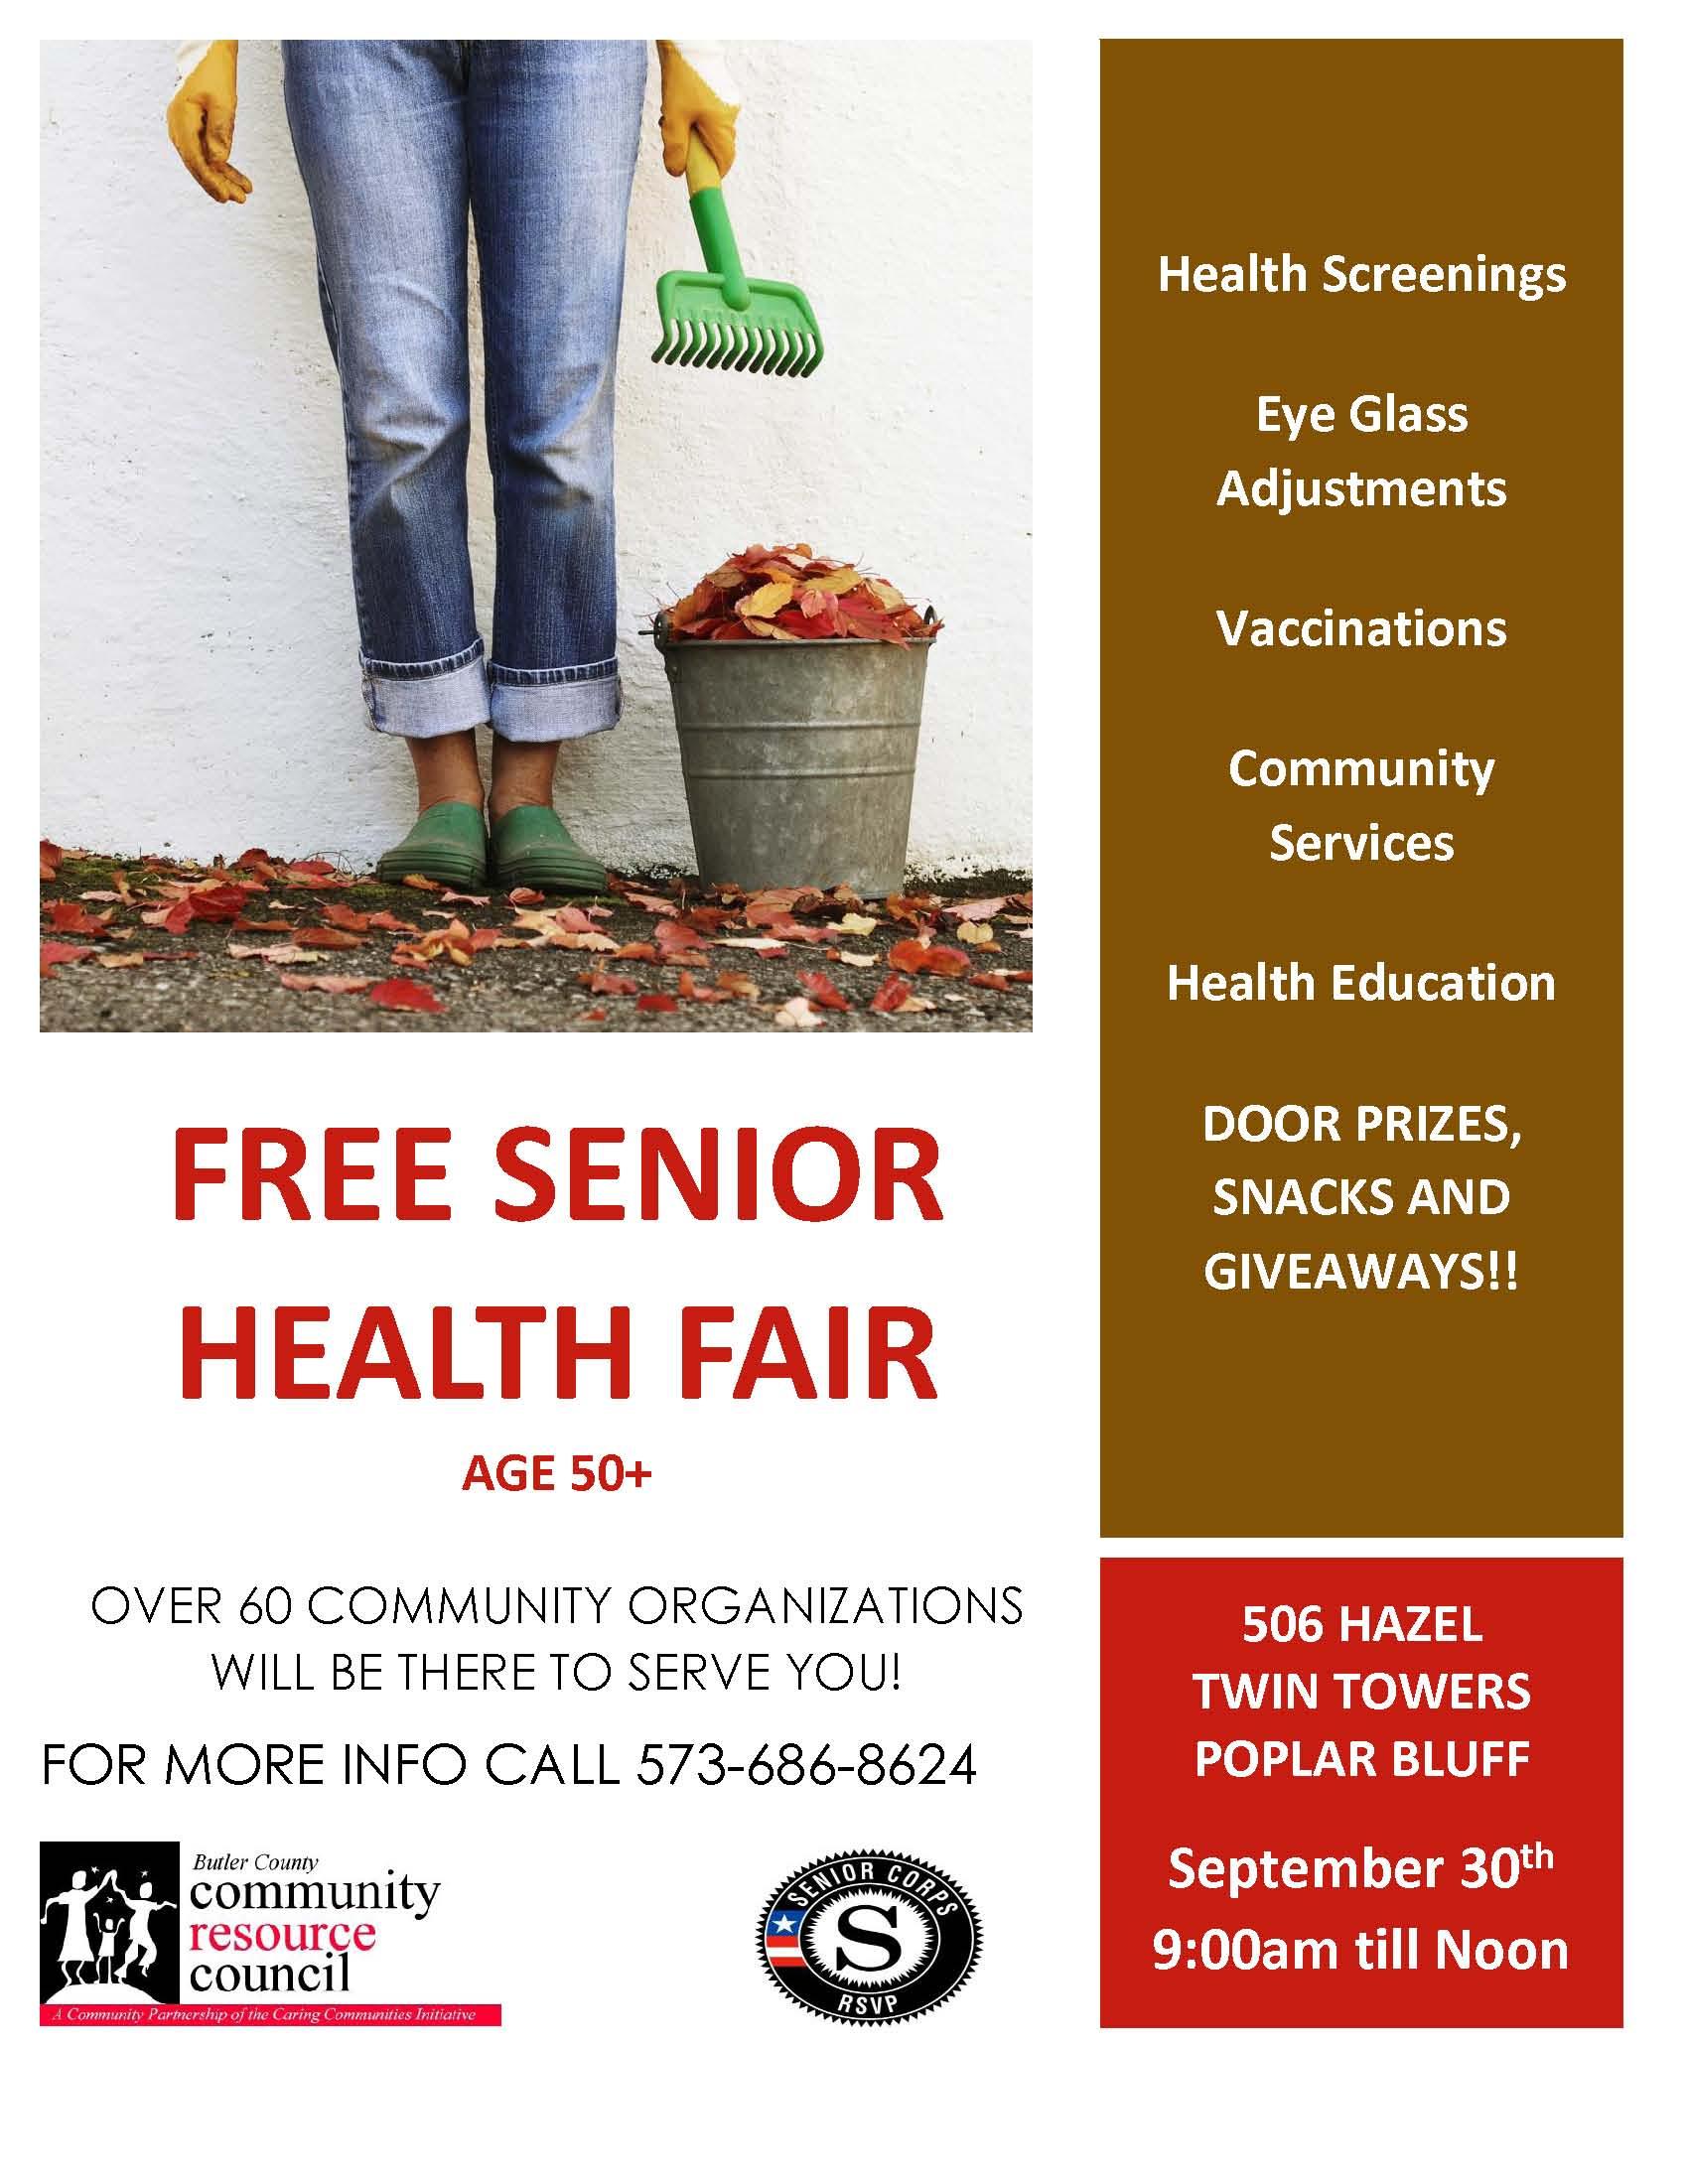 Senior Health Fair Flyer 2.jpg